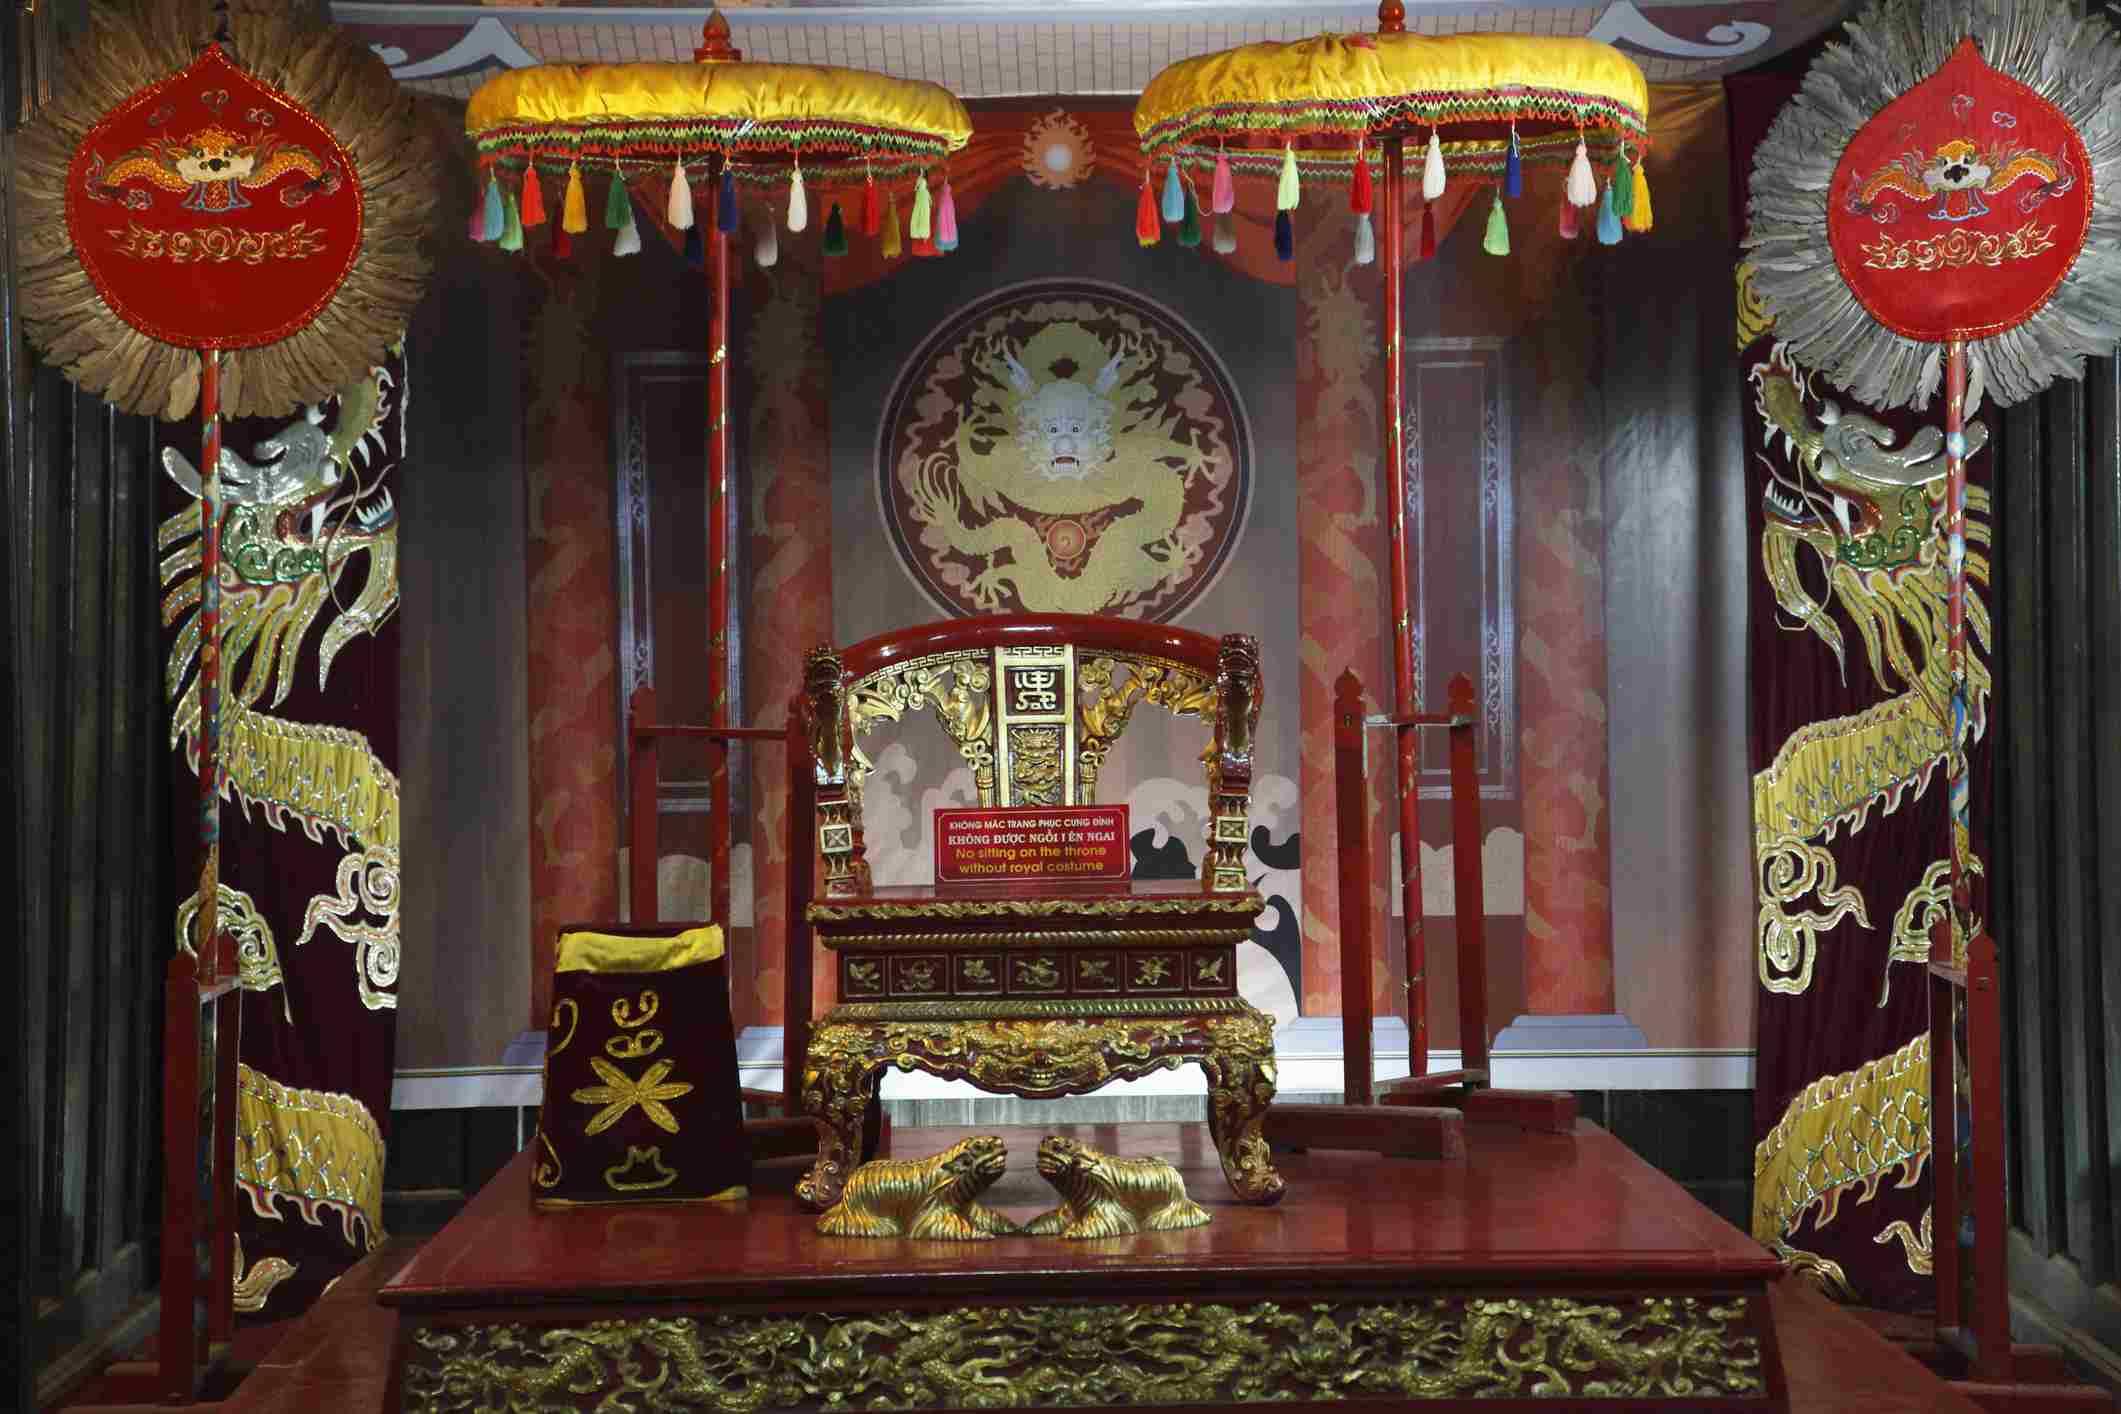 Throne at Minh Khiem Chamber, Tu Duc Royal Tomb, Hue, Vietnam